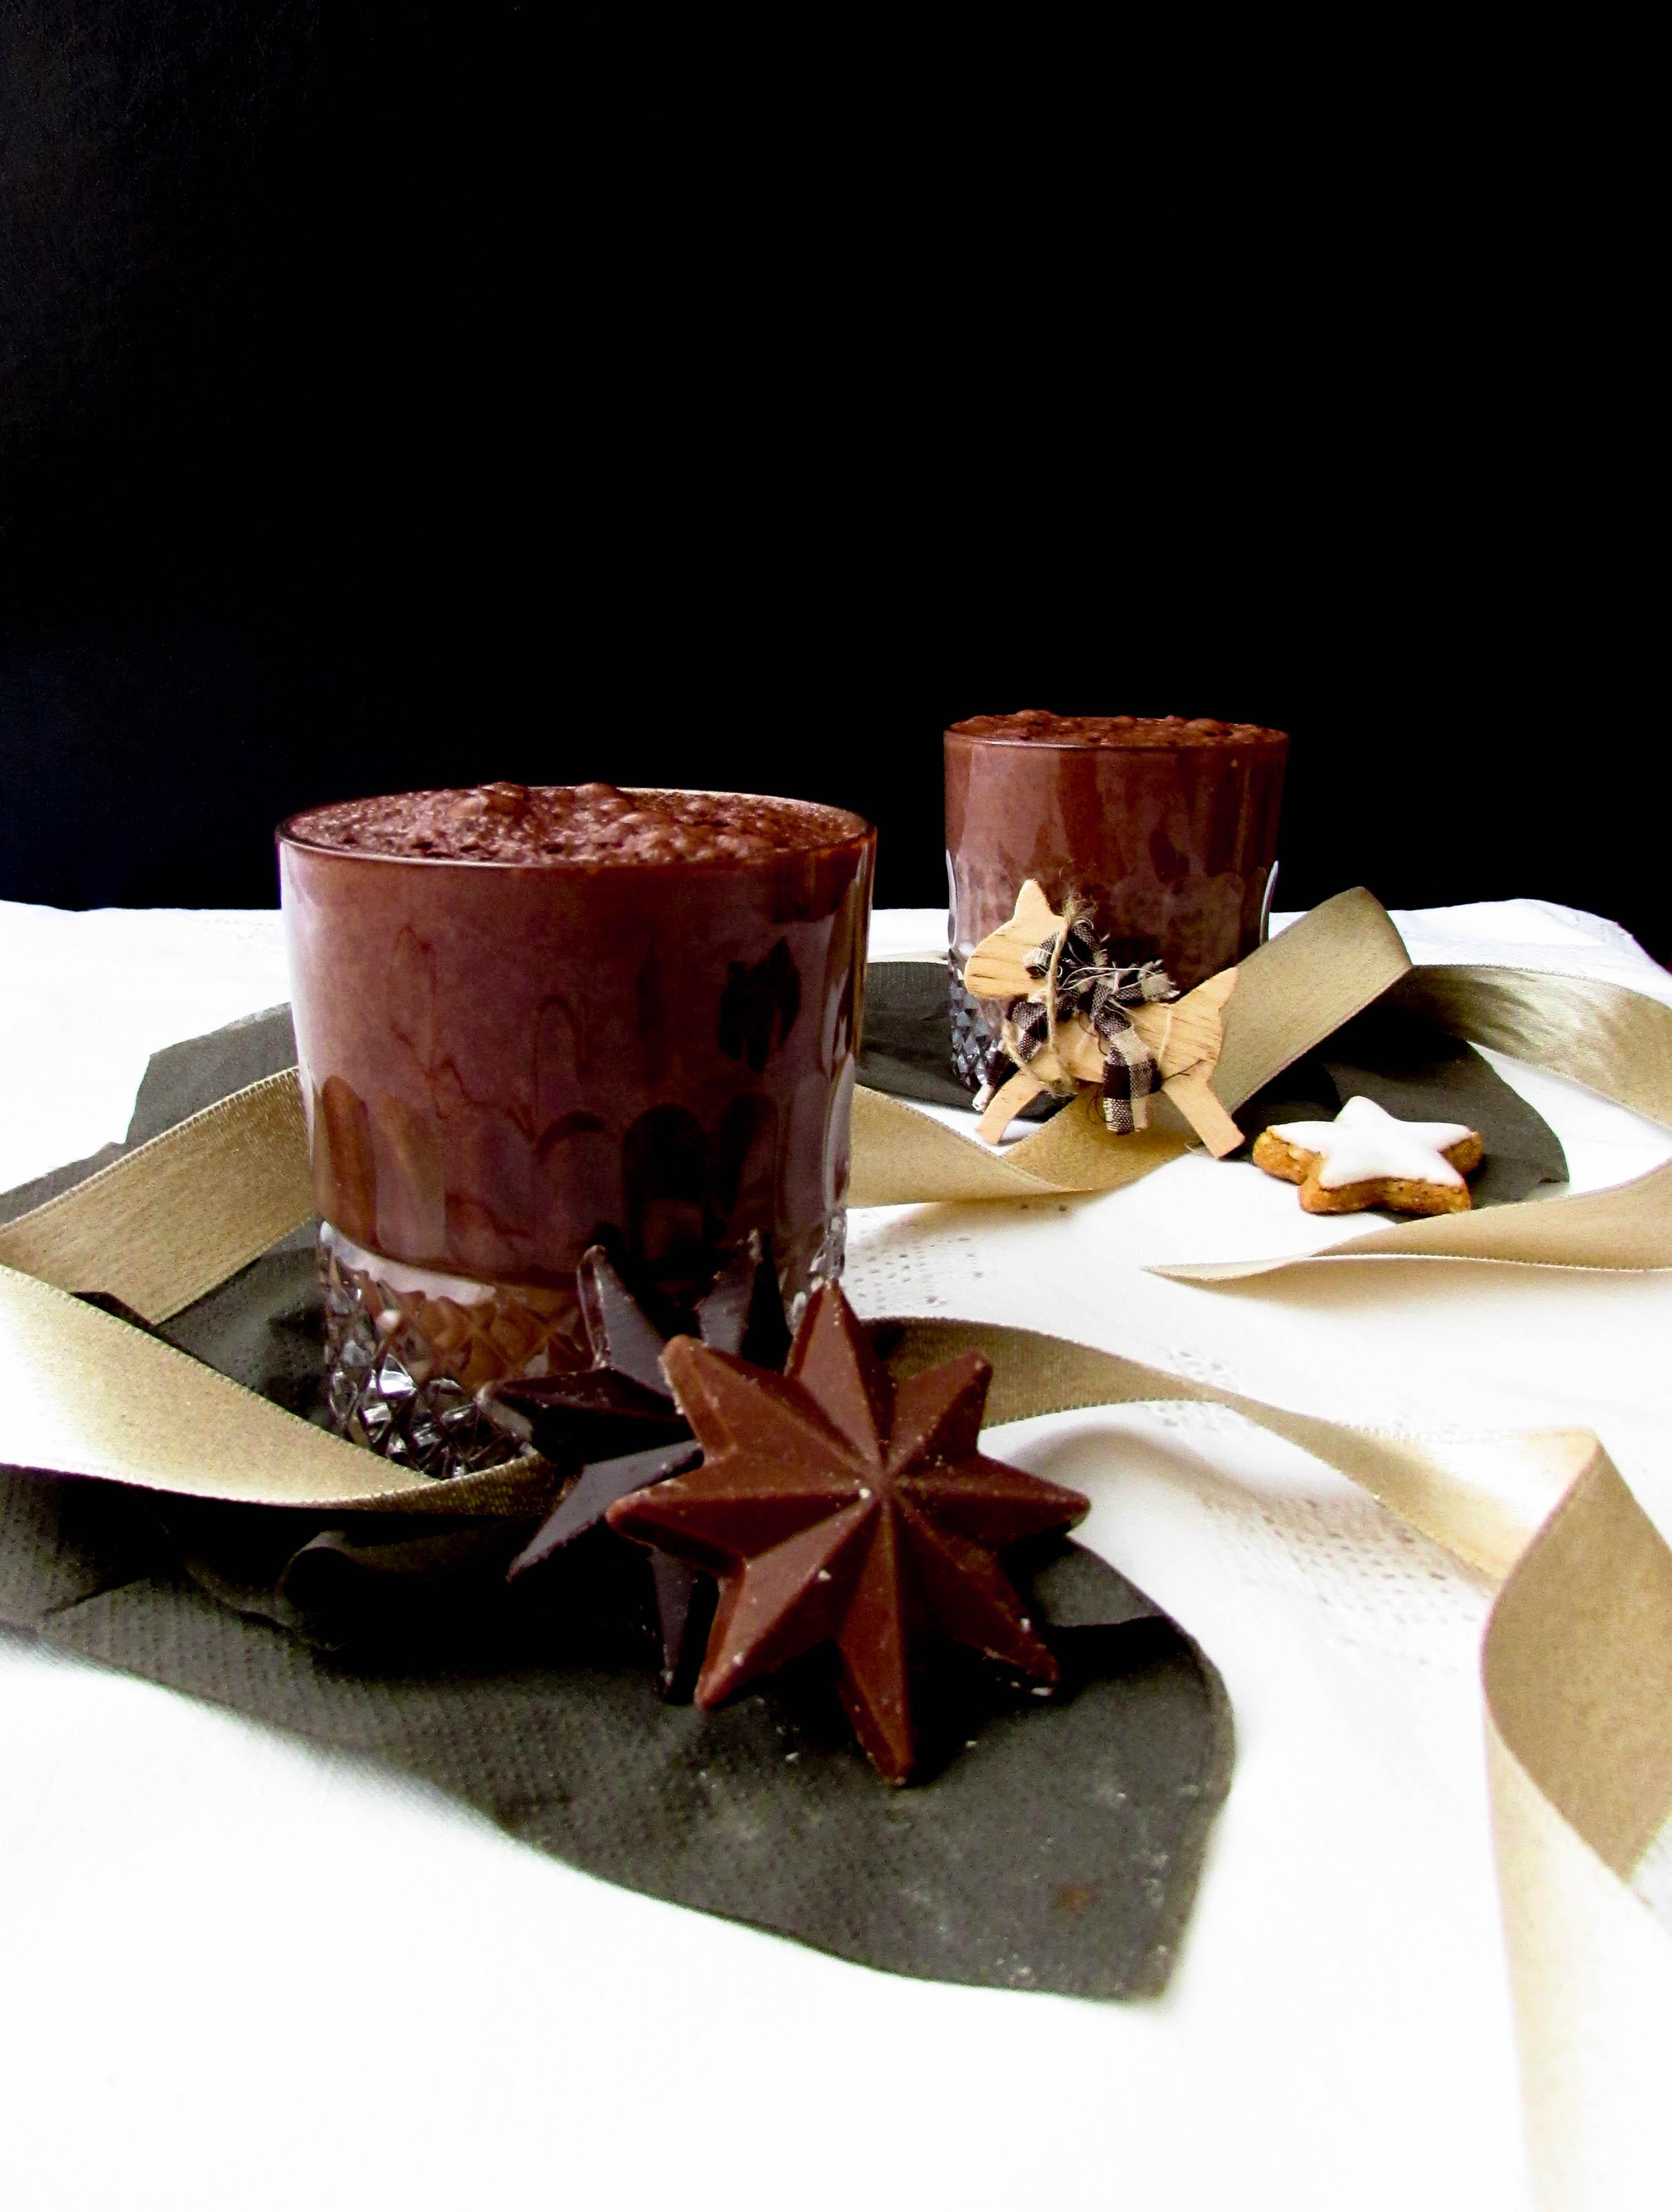 Heisse Schokolade Ohne Reue Mit Datteln Gesusst Vegan